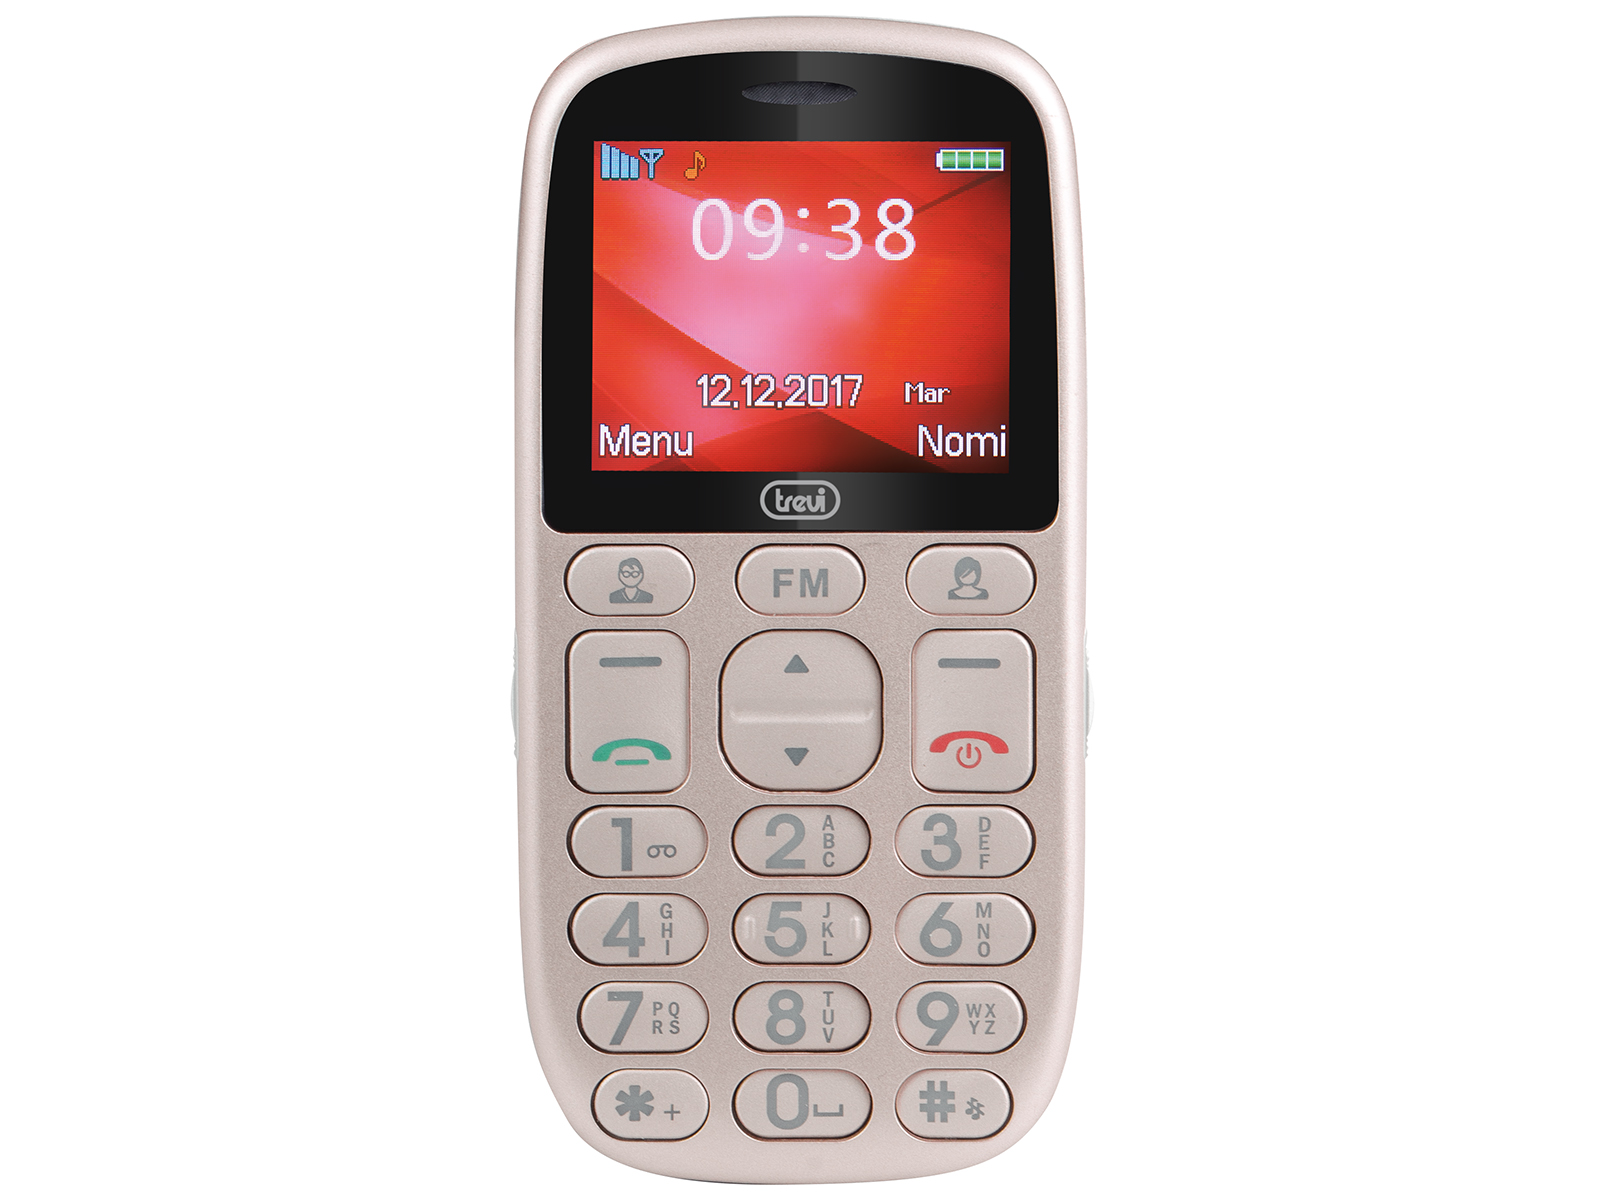 trevi relax 90  TELEFONO CELLULARE 3G FACILE CON TASTI GRANDI E TOUCHSCREEN TREVI ...